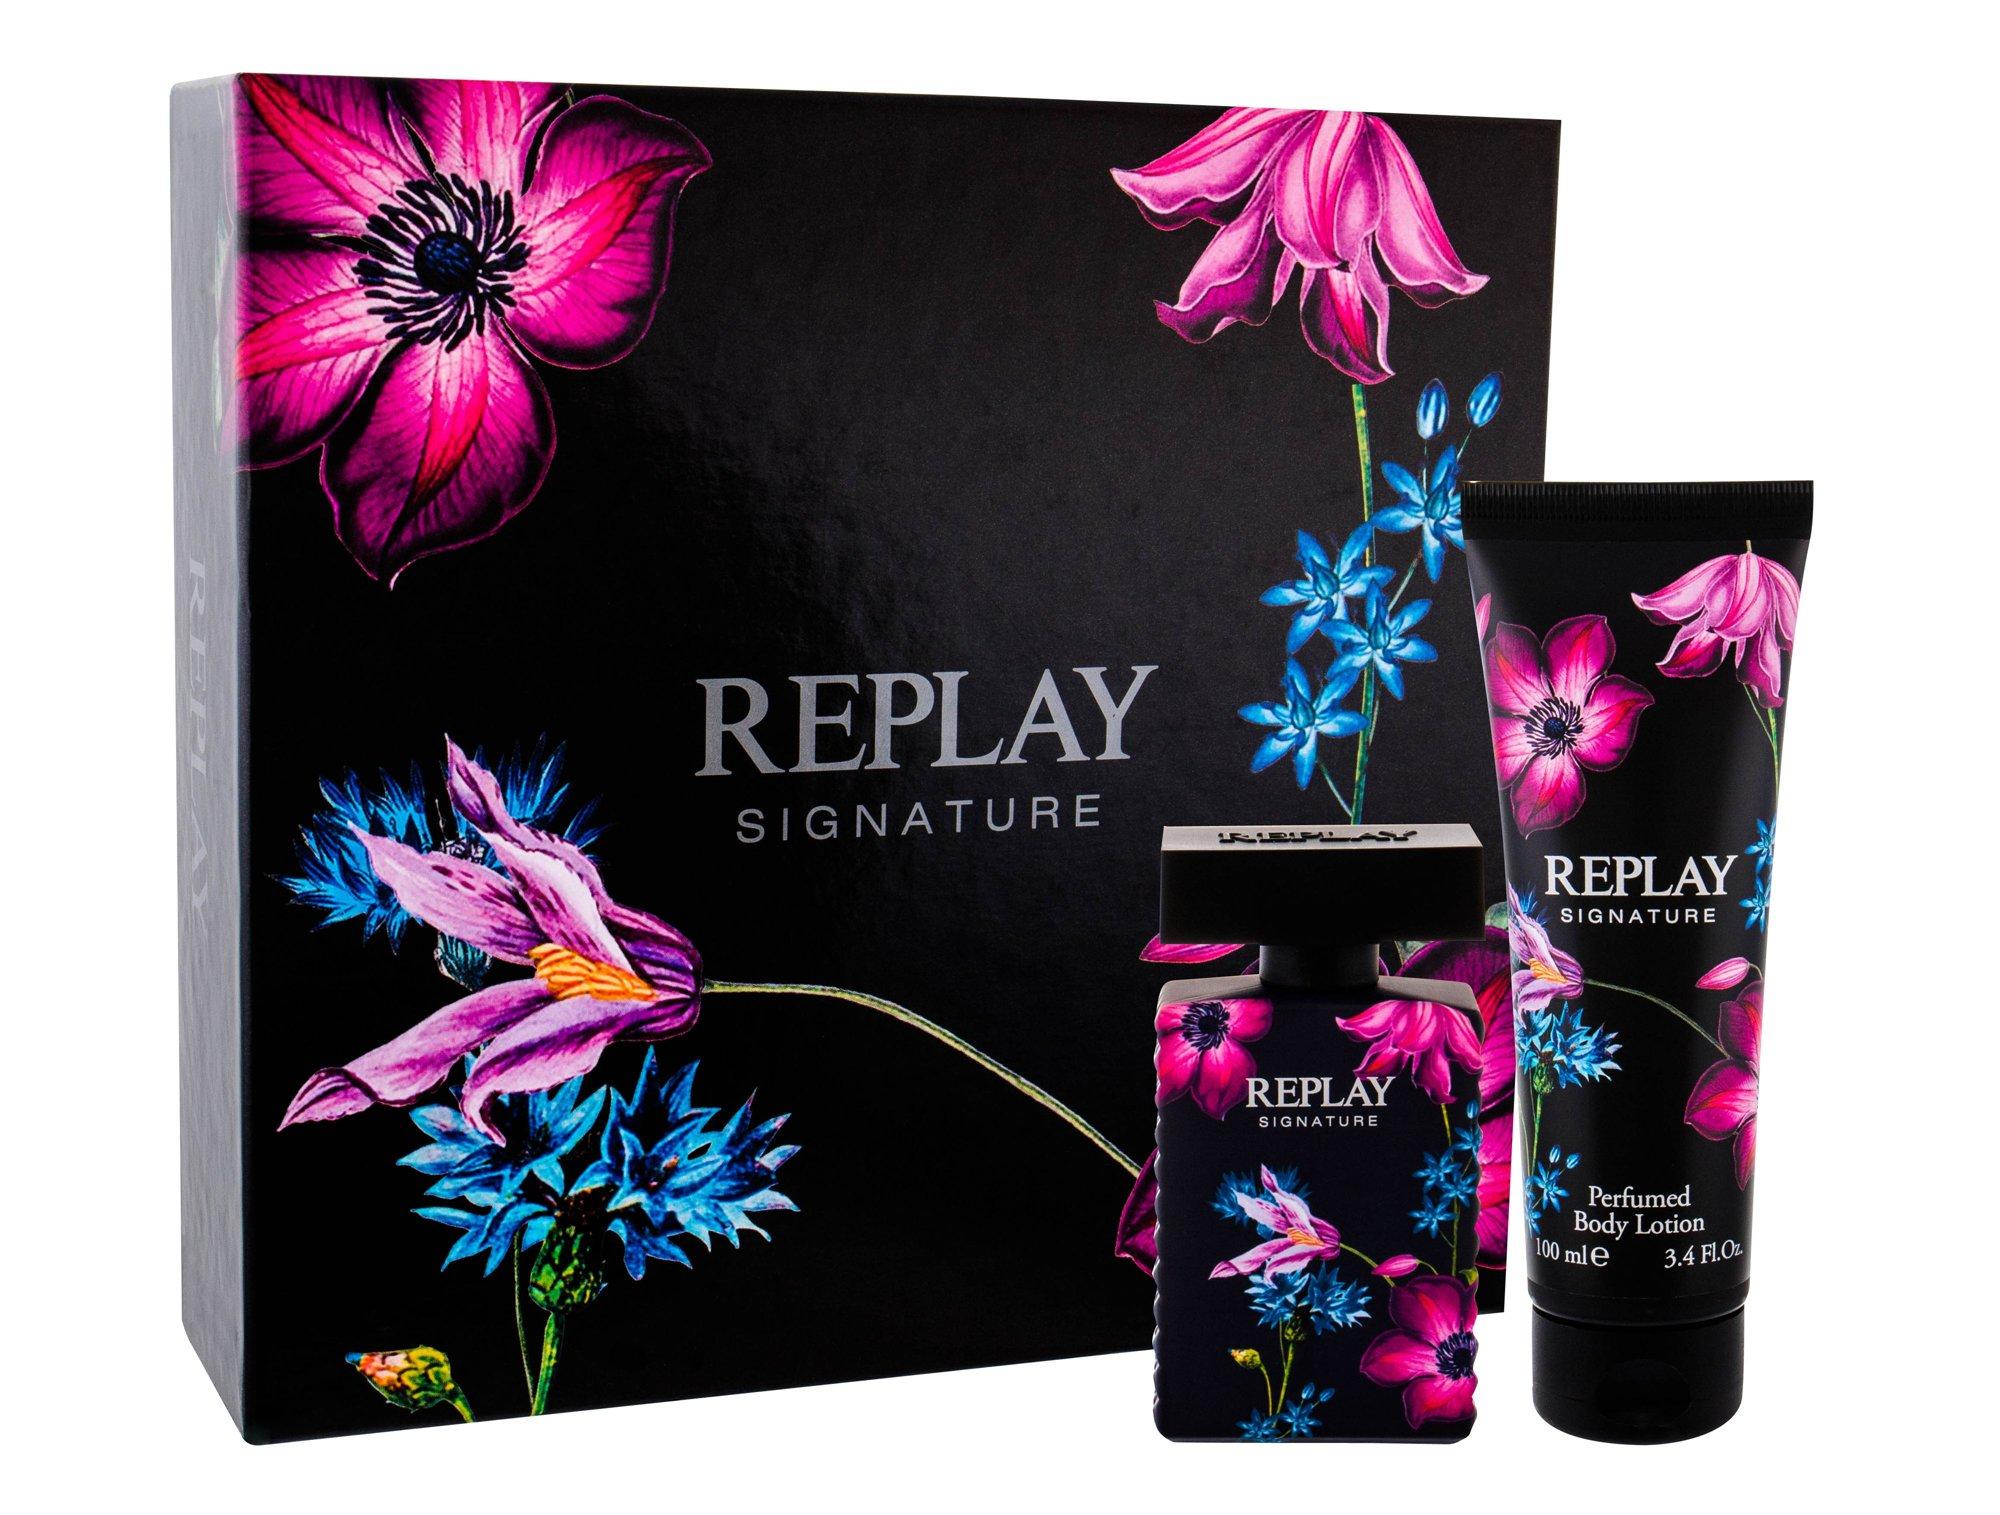 Replay Signature Eau de Parfum 50ml